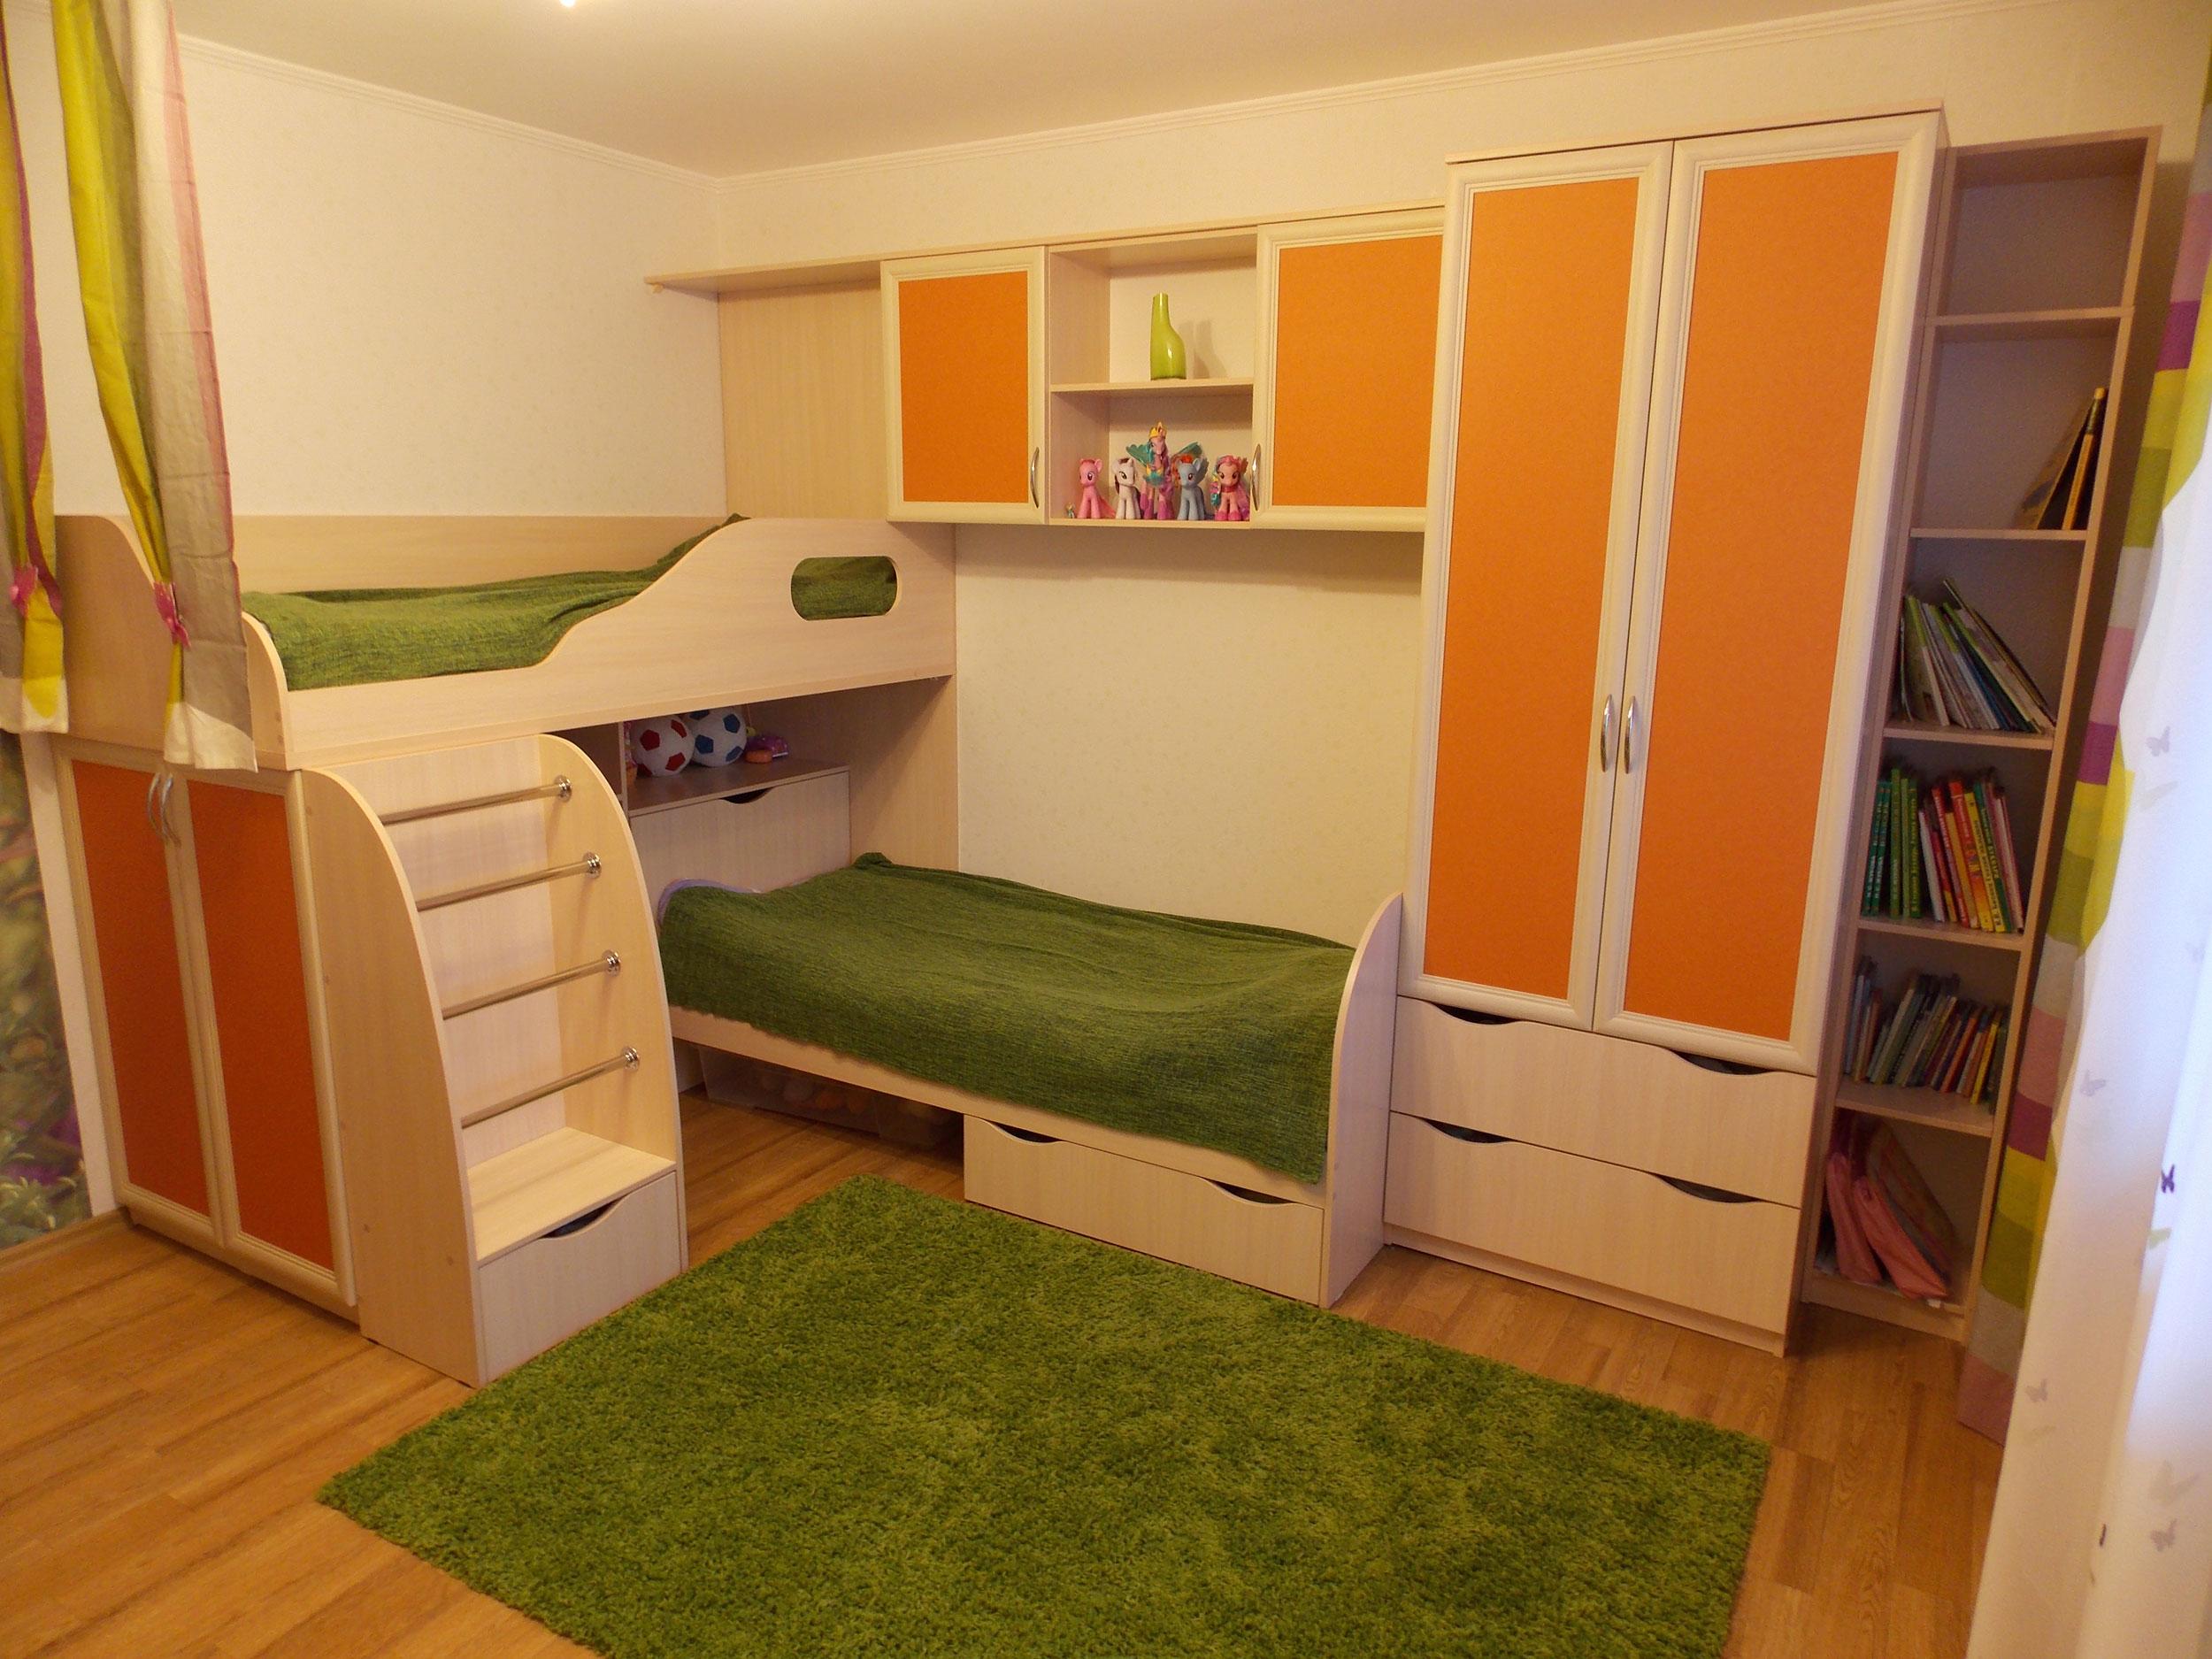 Модульный вариант обустройства комнаты